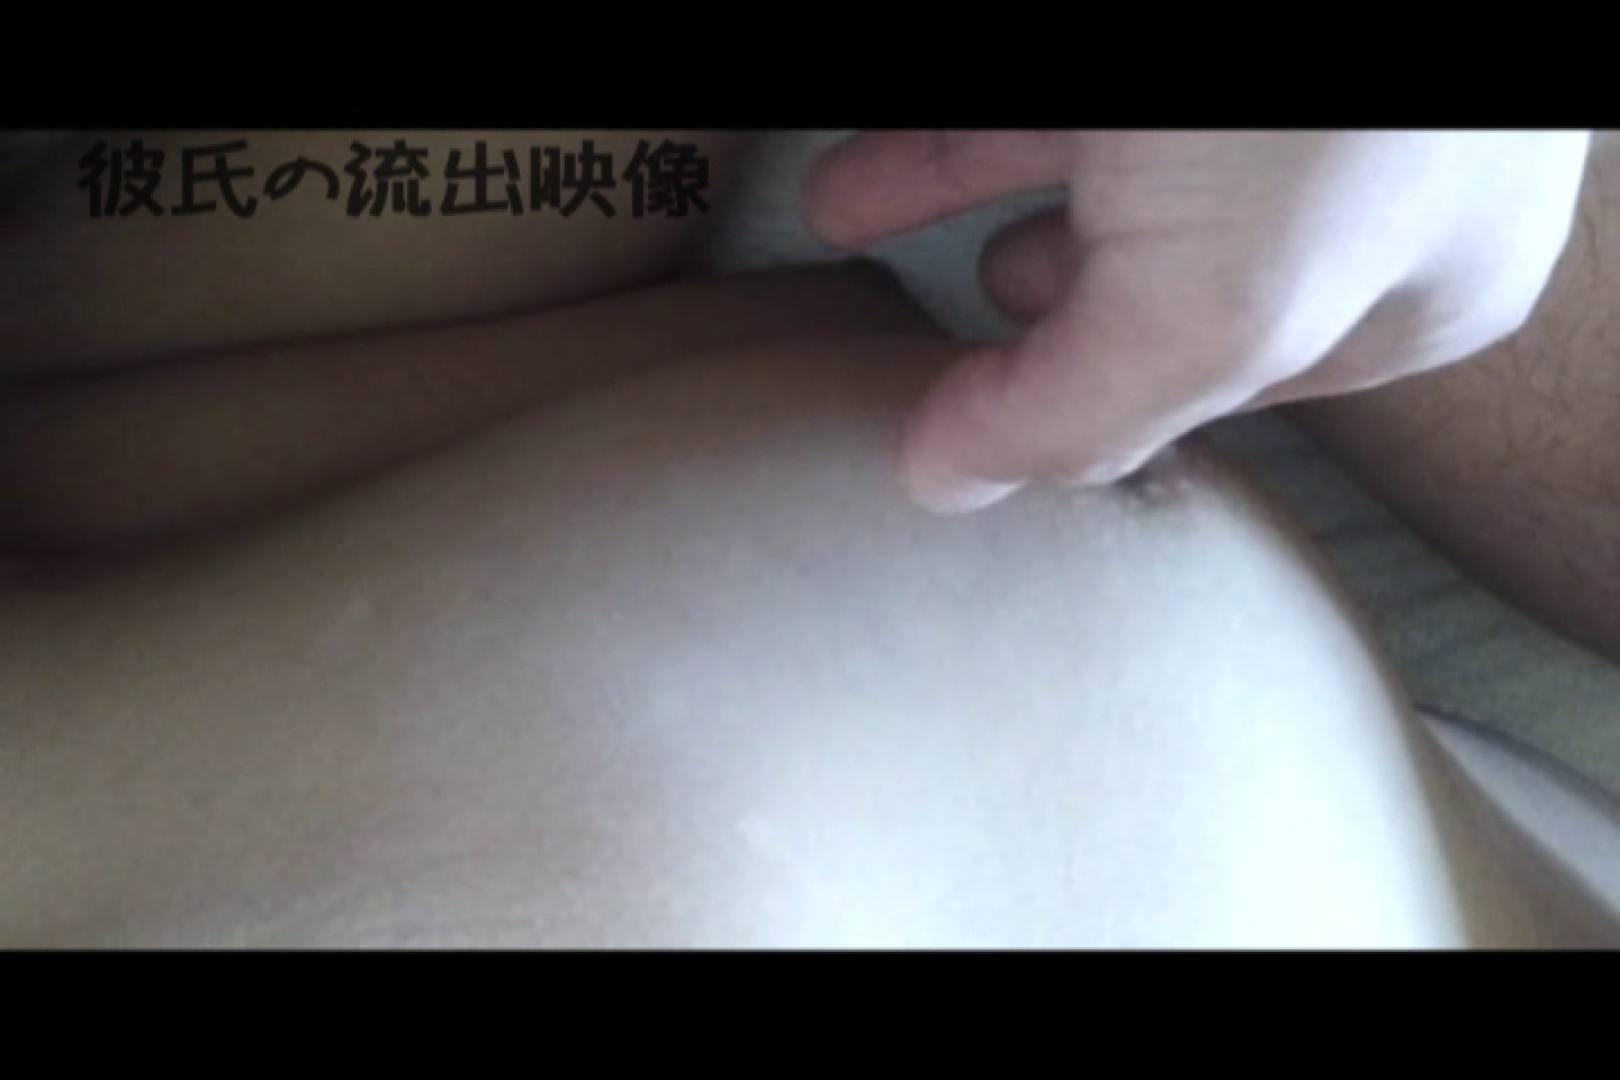 彼氏が流出 パイパン素人嬢のハメ撮り映像03 パイパン  81pic 56